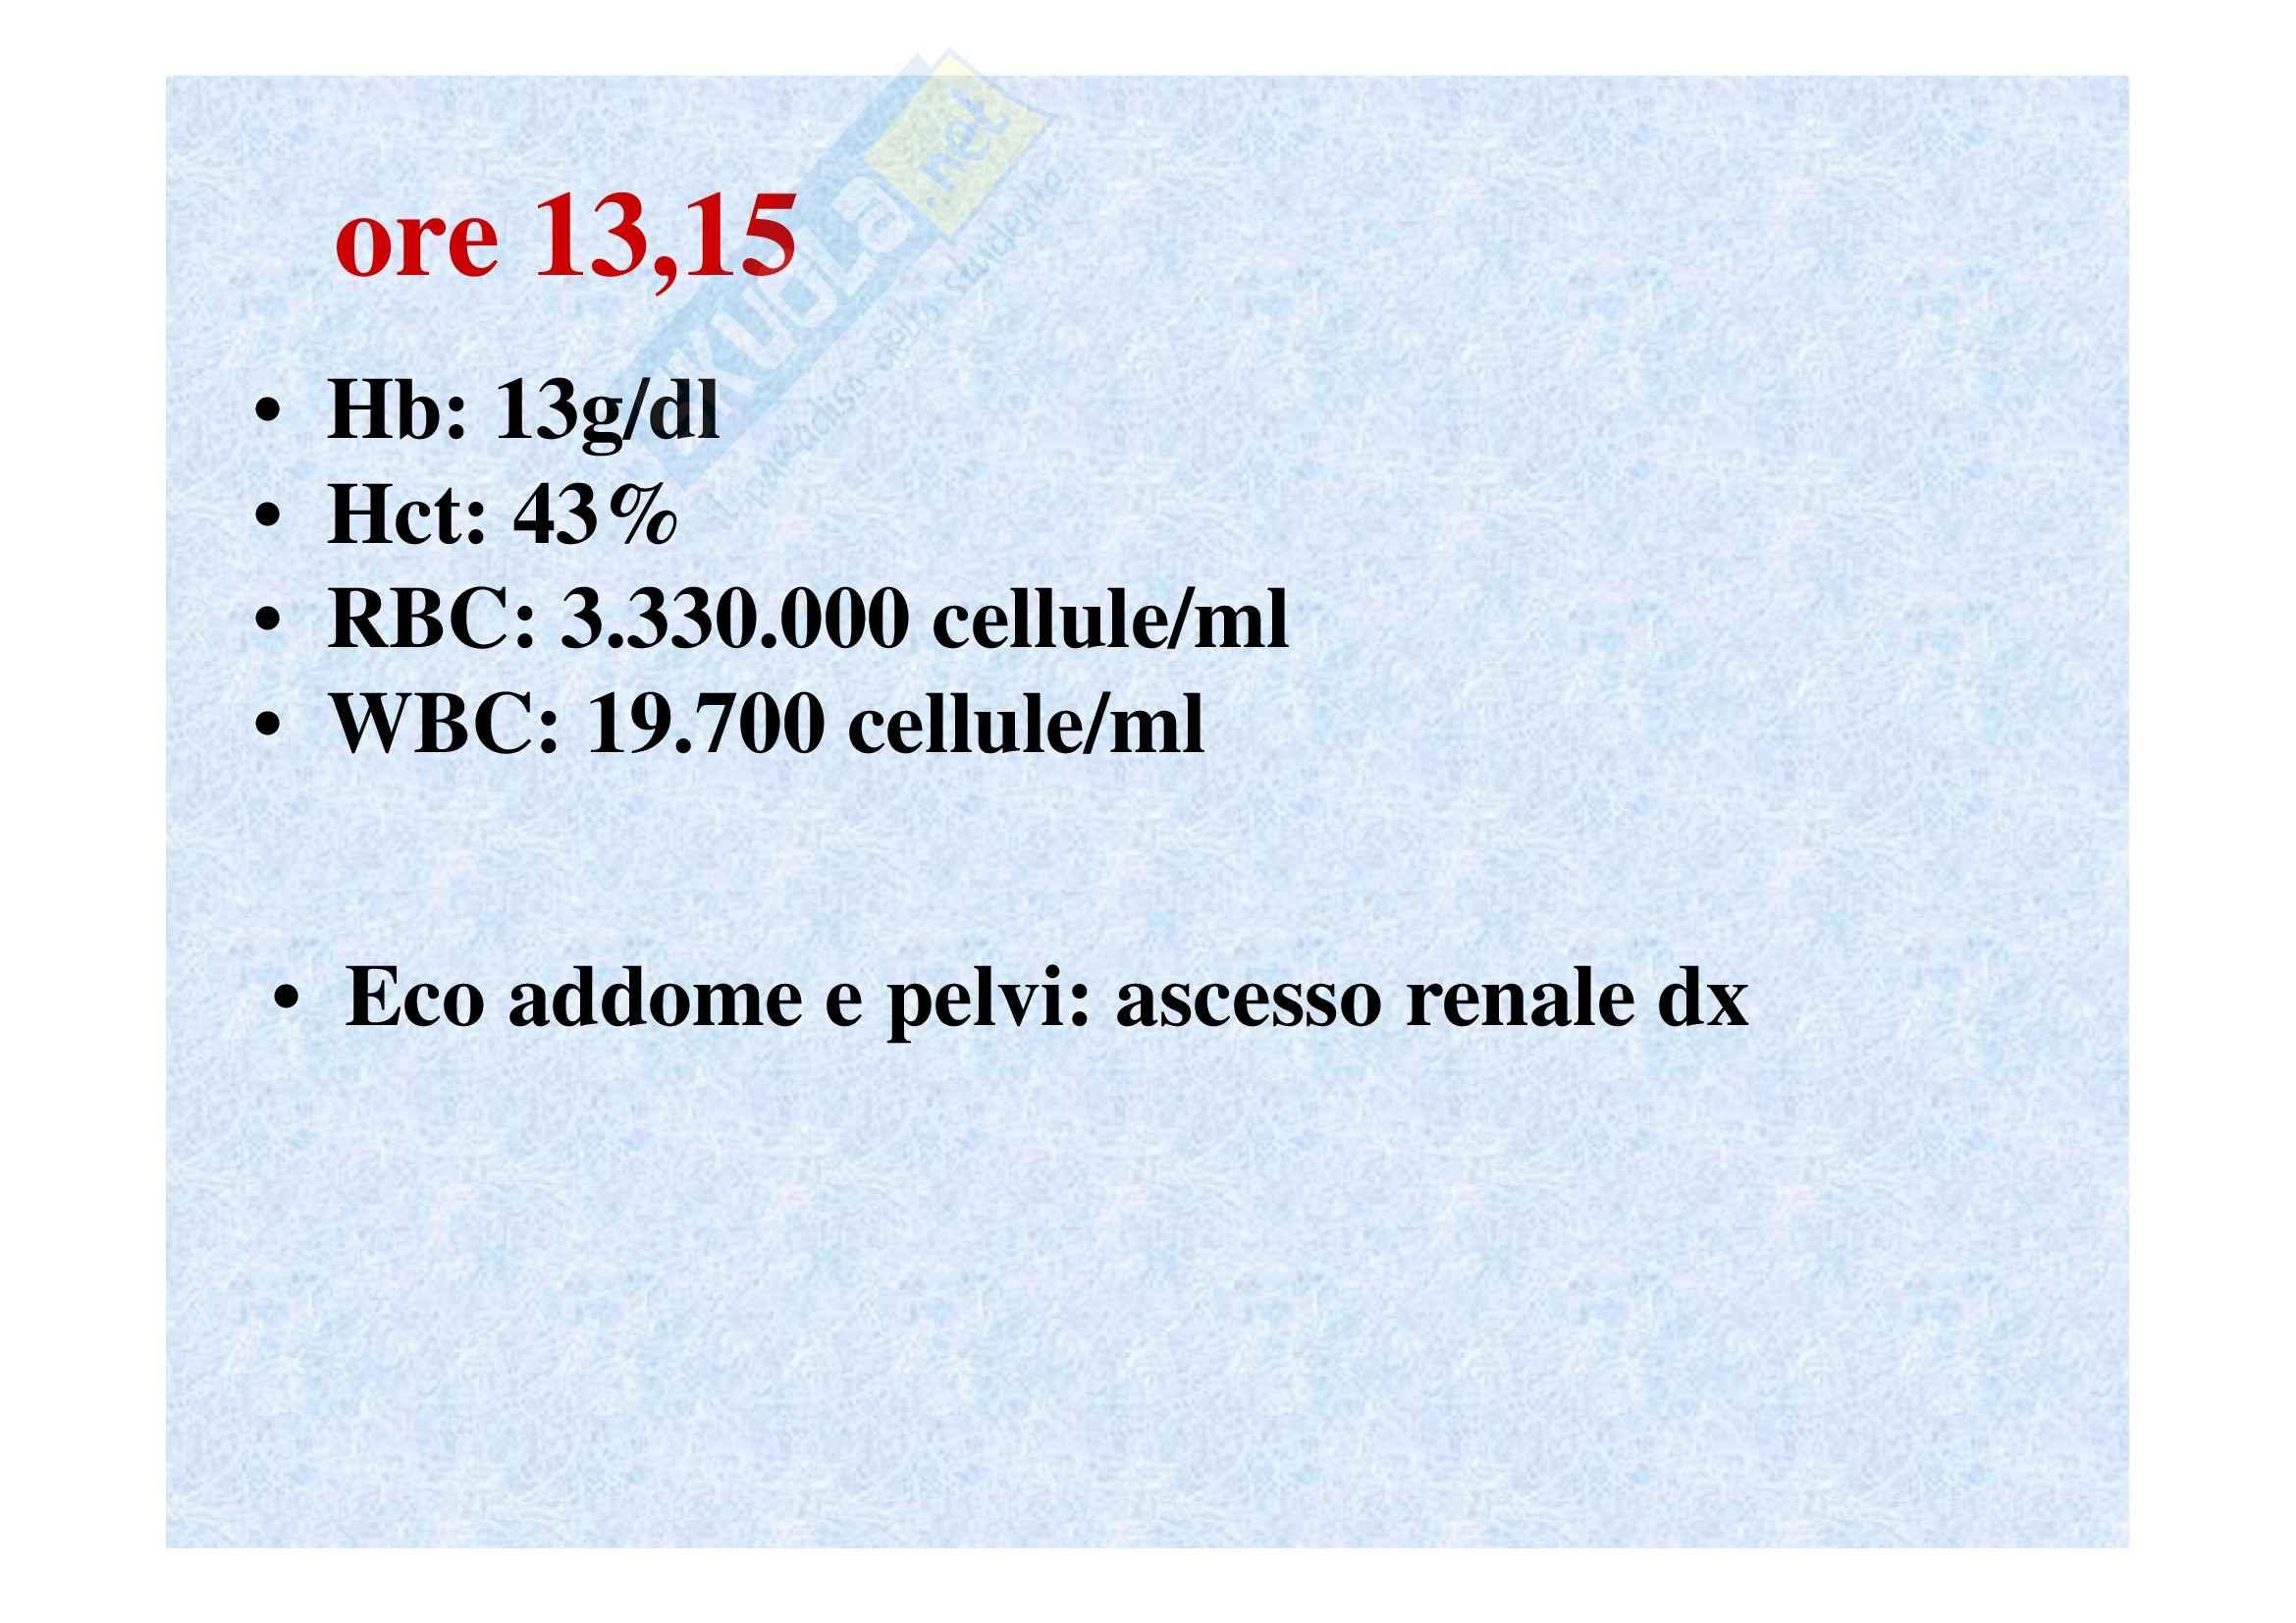 Emergenze medico-chirurgiche II - sepsi e shock settico prima parte Pag. 16